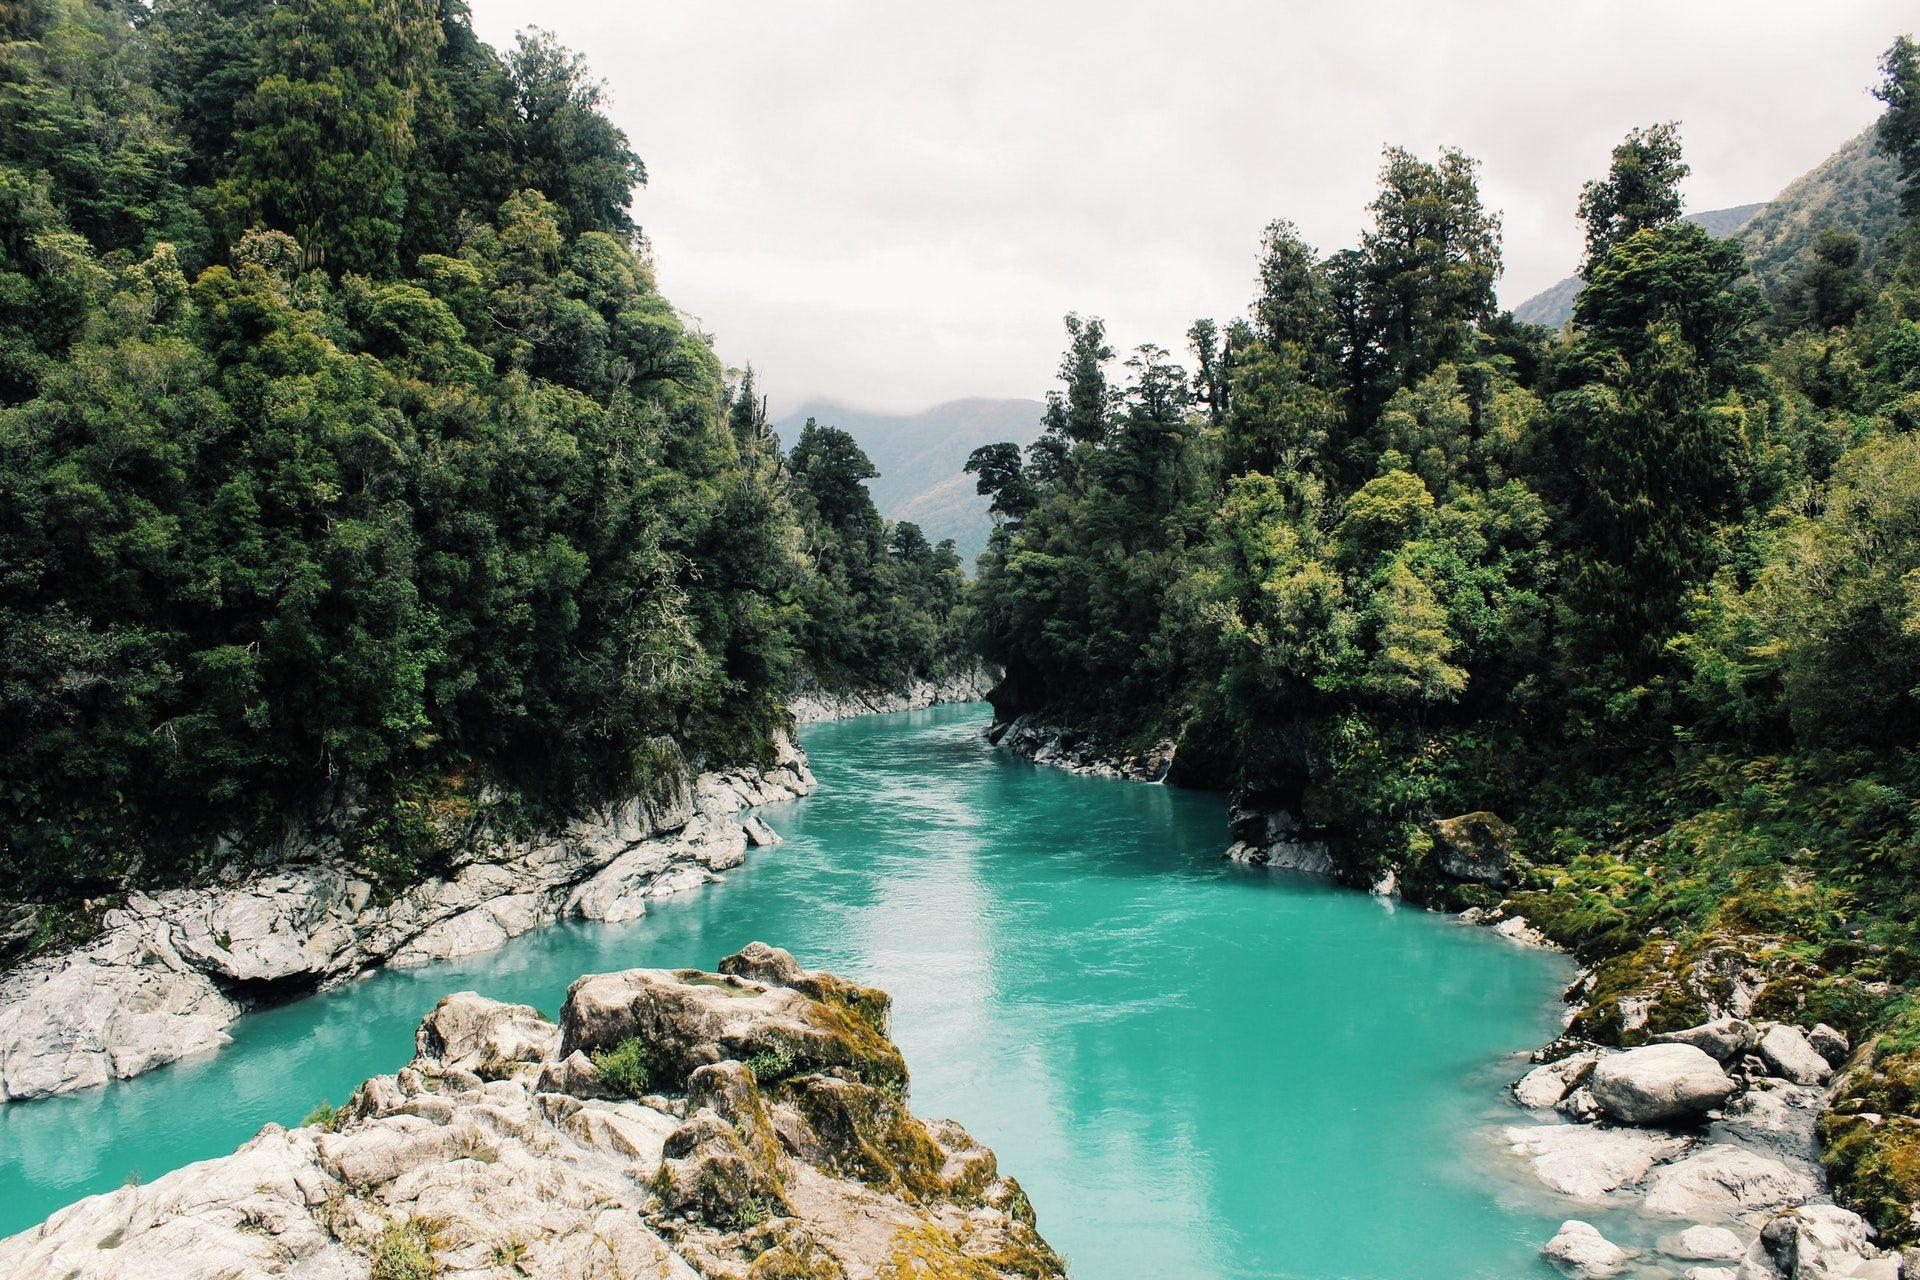 عکس زمینه منظره زیبای رودخانه پس زمینه